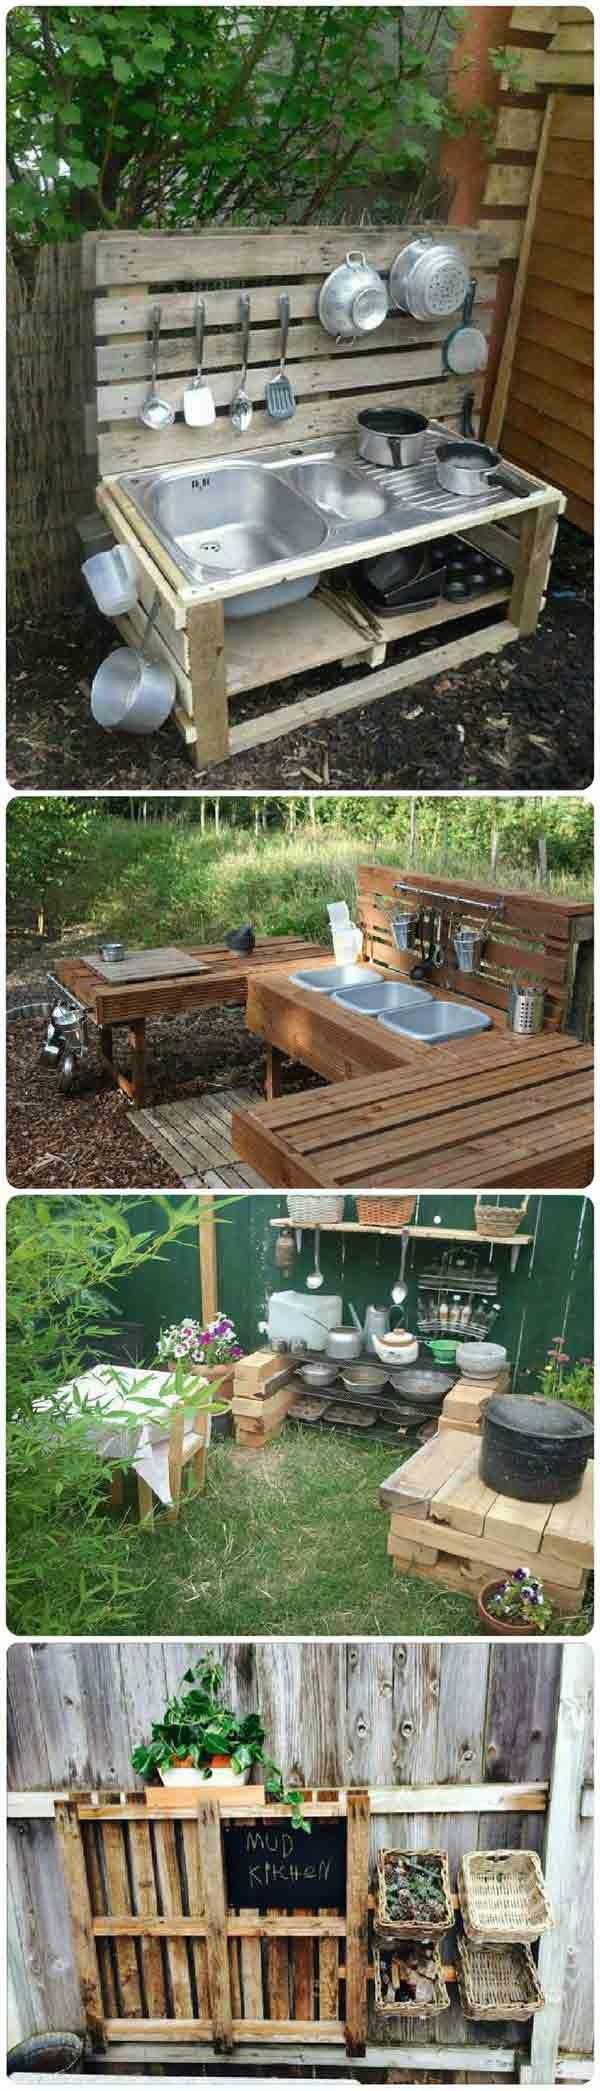 Outdoor-Küchen (Schlamm Küchen) sind eine der besten Ideen für ...